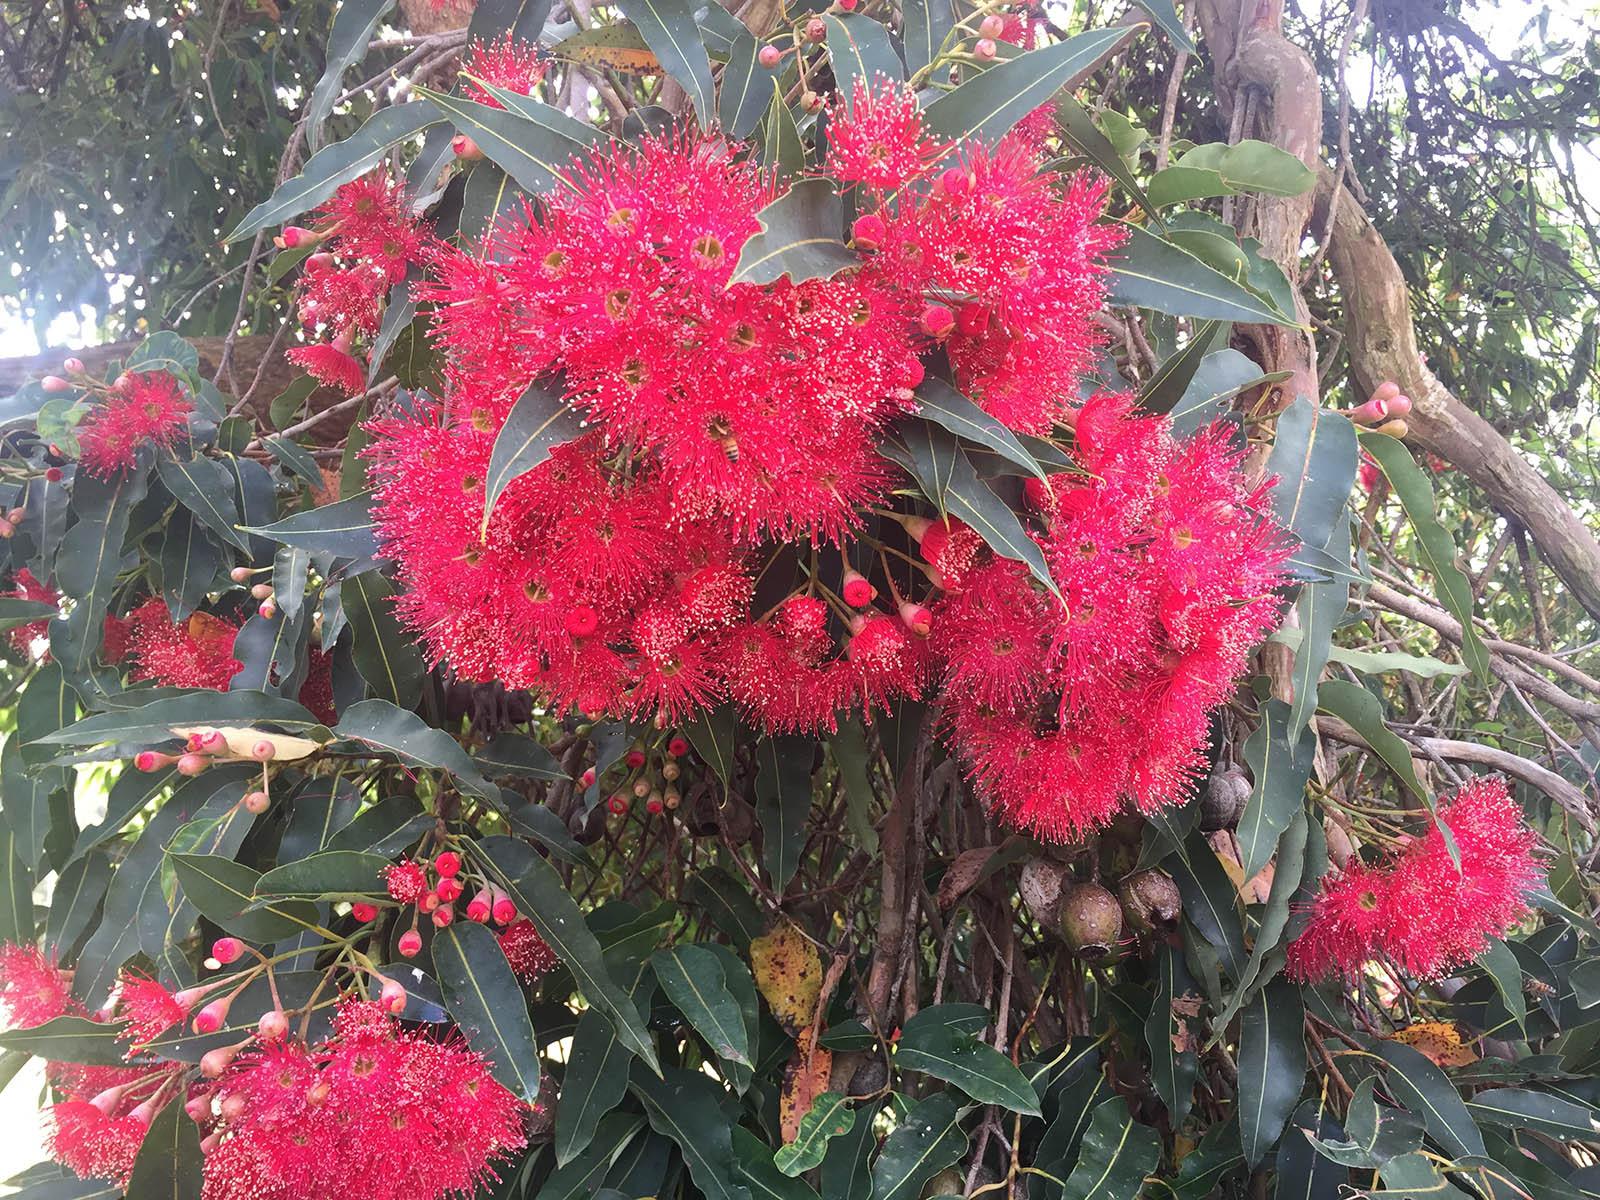 Corymbia, 'Summer Glory' (flowering gum)